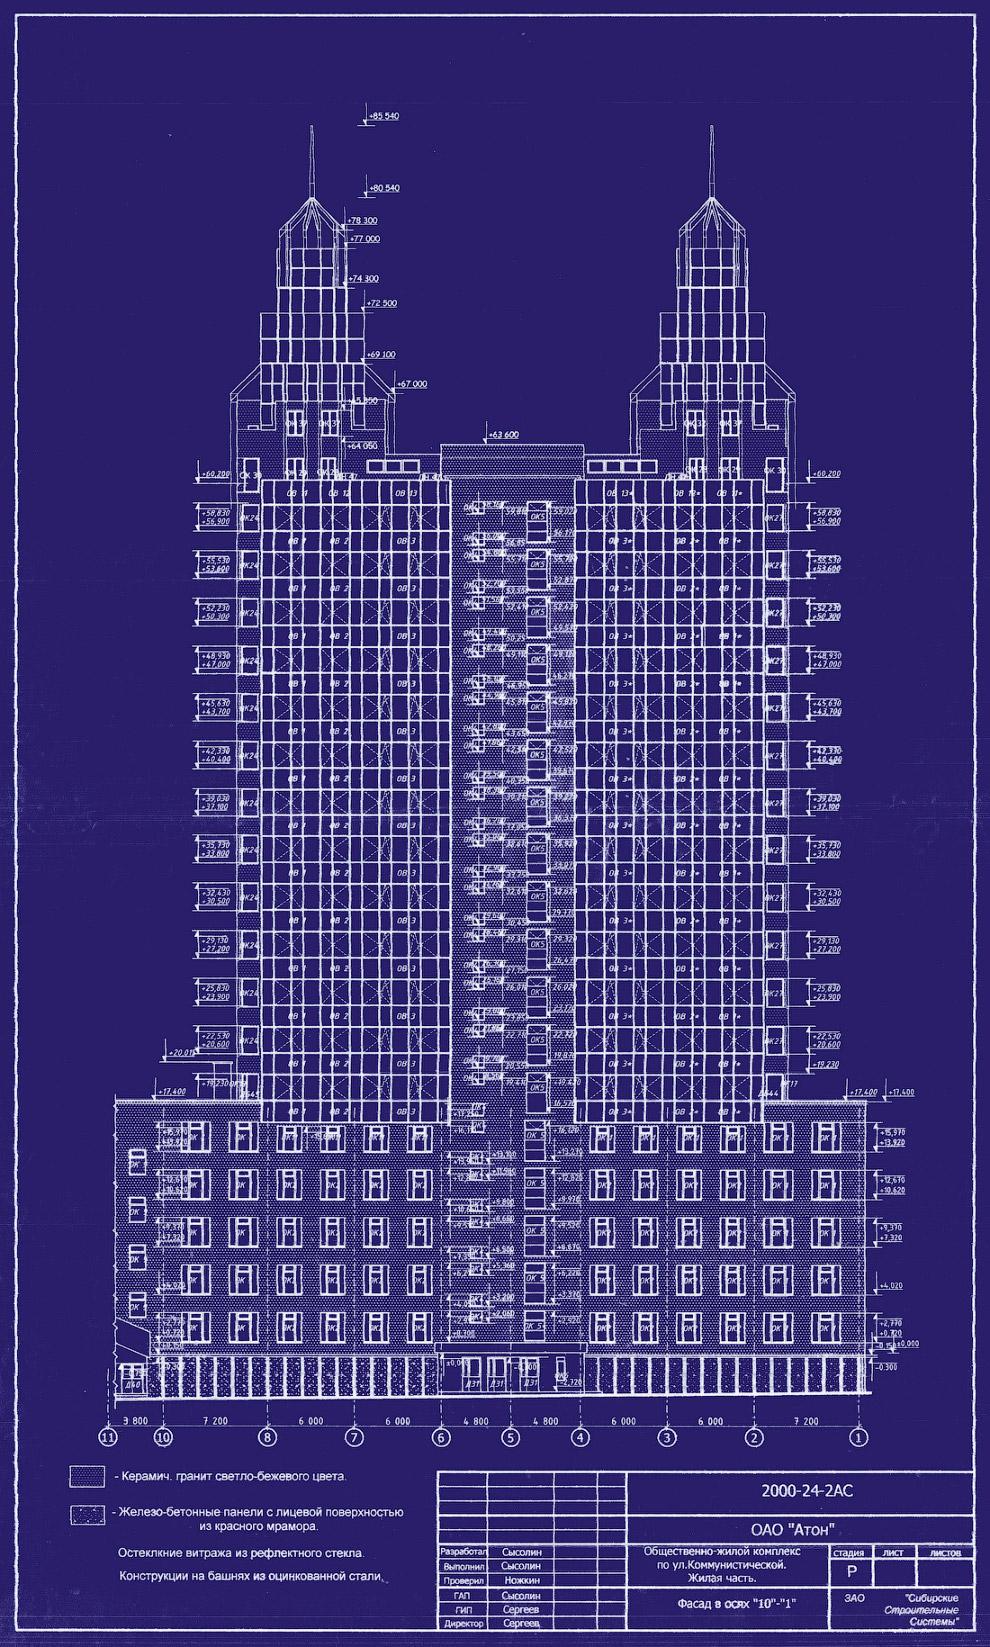 73. Визуализацией финального этапа проектирования здания занимался Эдуард Сысолин. В частности, жёлт